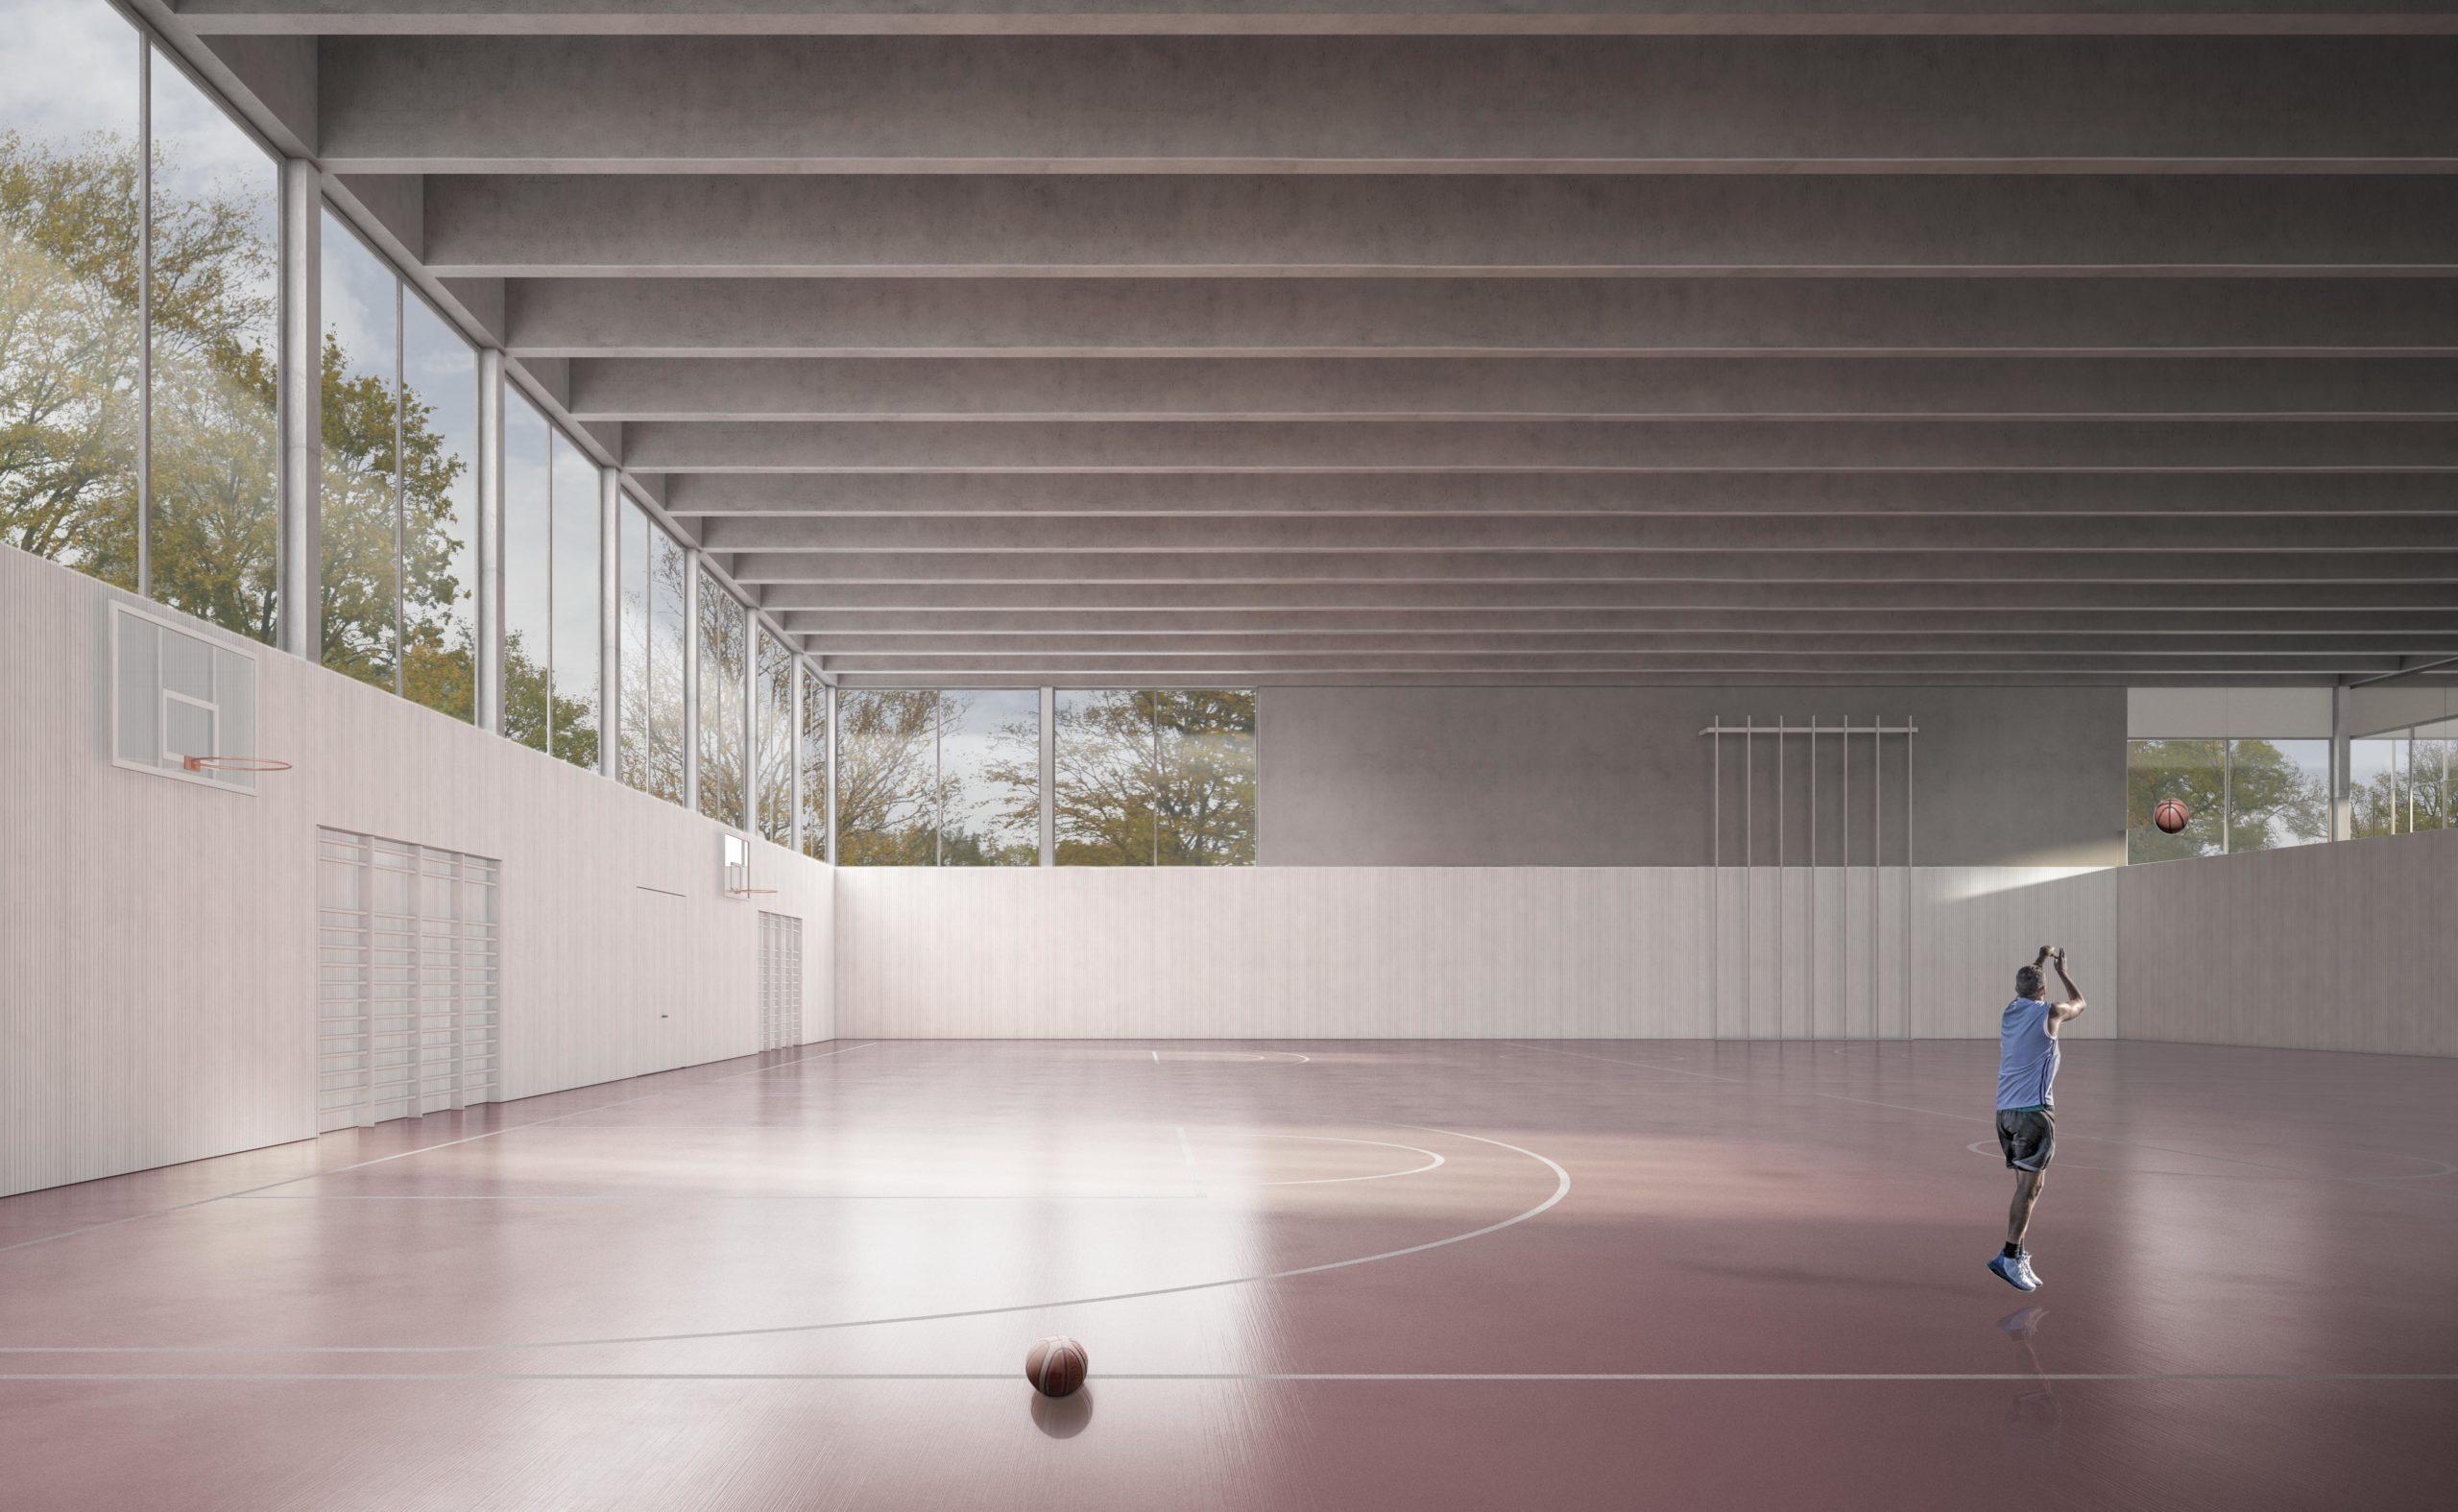 STUDIO CORNEL STAEHELI Schulraumerweiterung und Neubau Doppelturnhalle SH Kastels Sporthalle